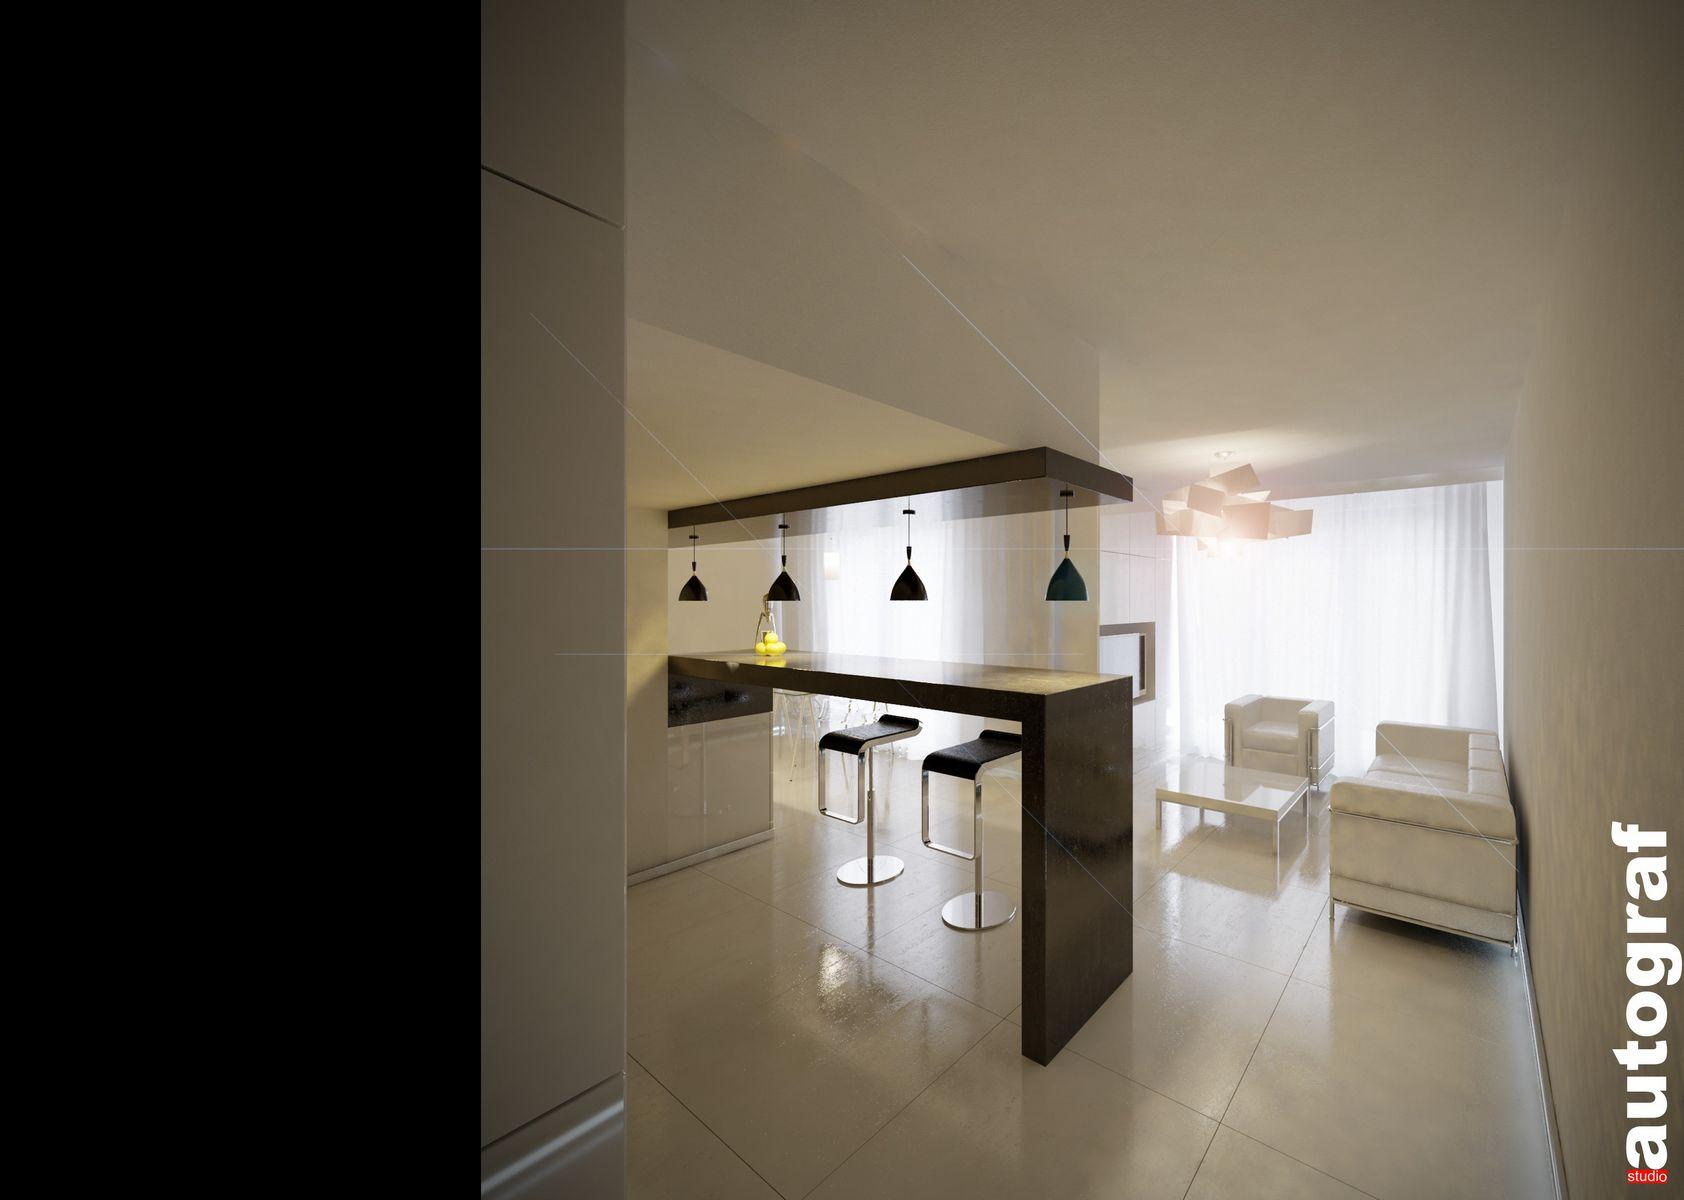 Apartament książąt pomorskich - wizualizacja 1